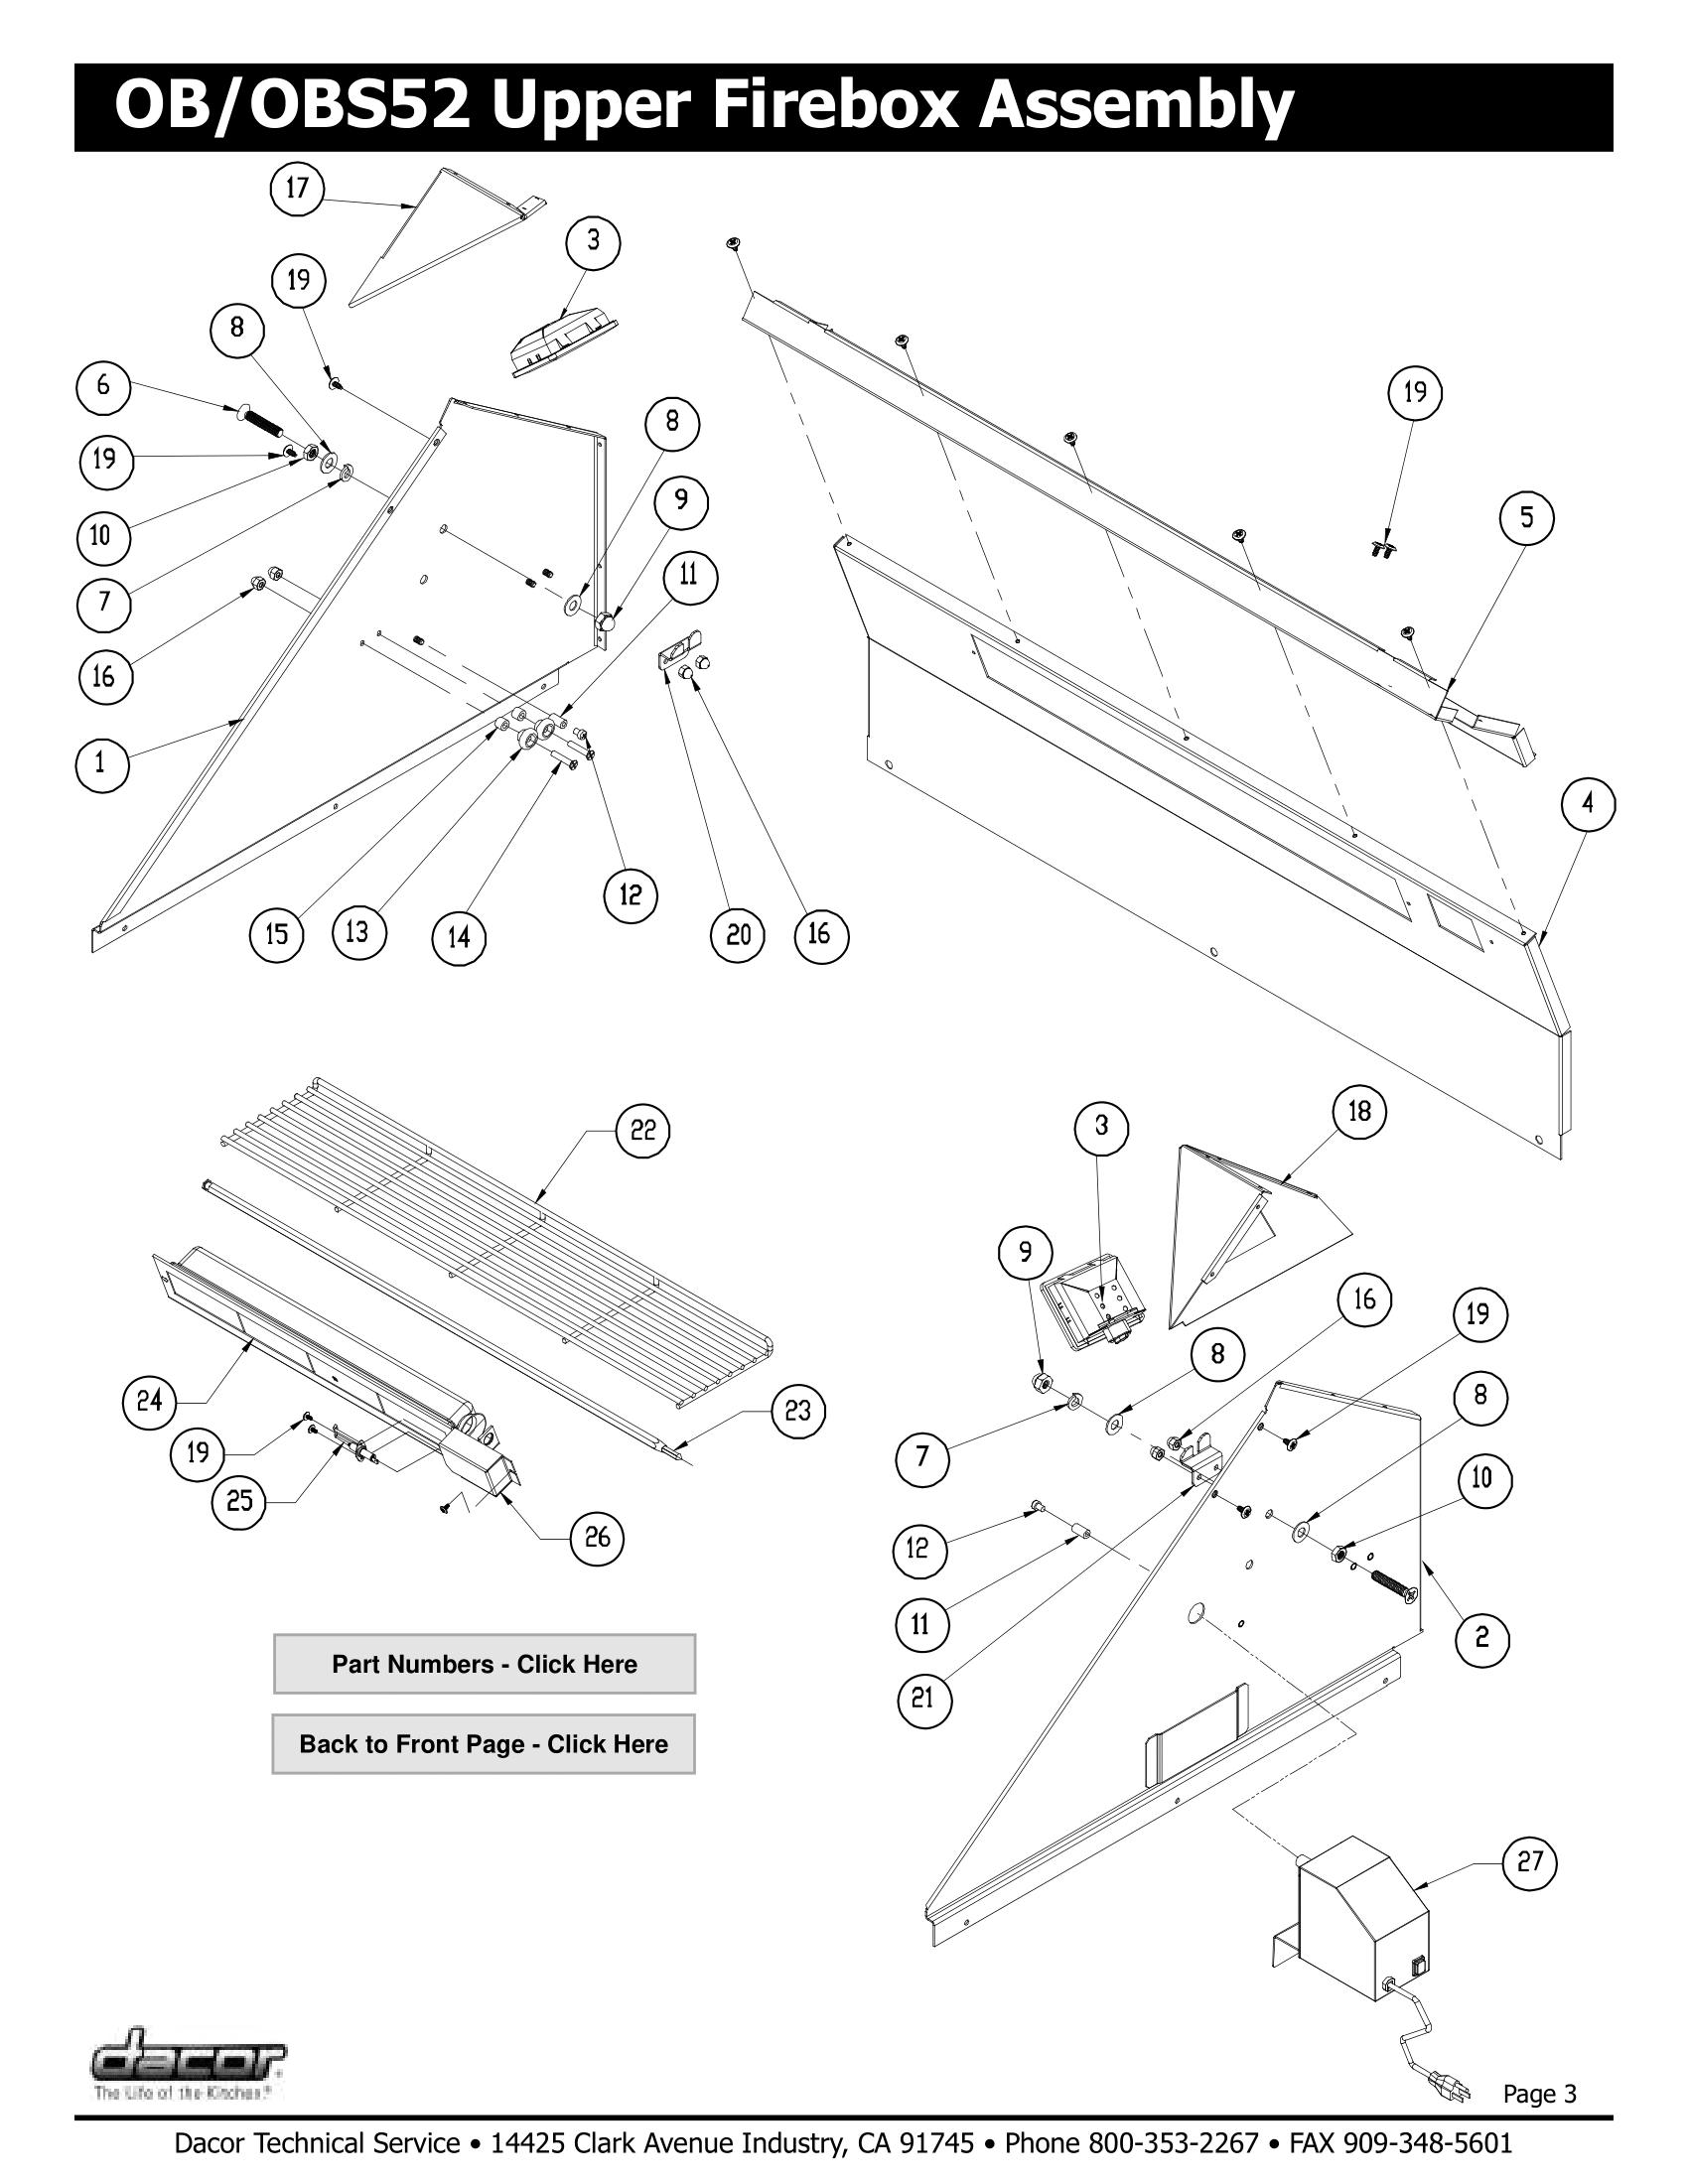 Dacor OB52 Upper Firebox Assembly Schematic